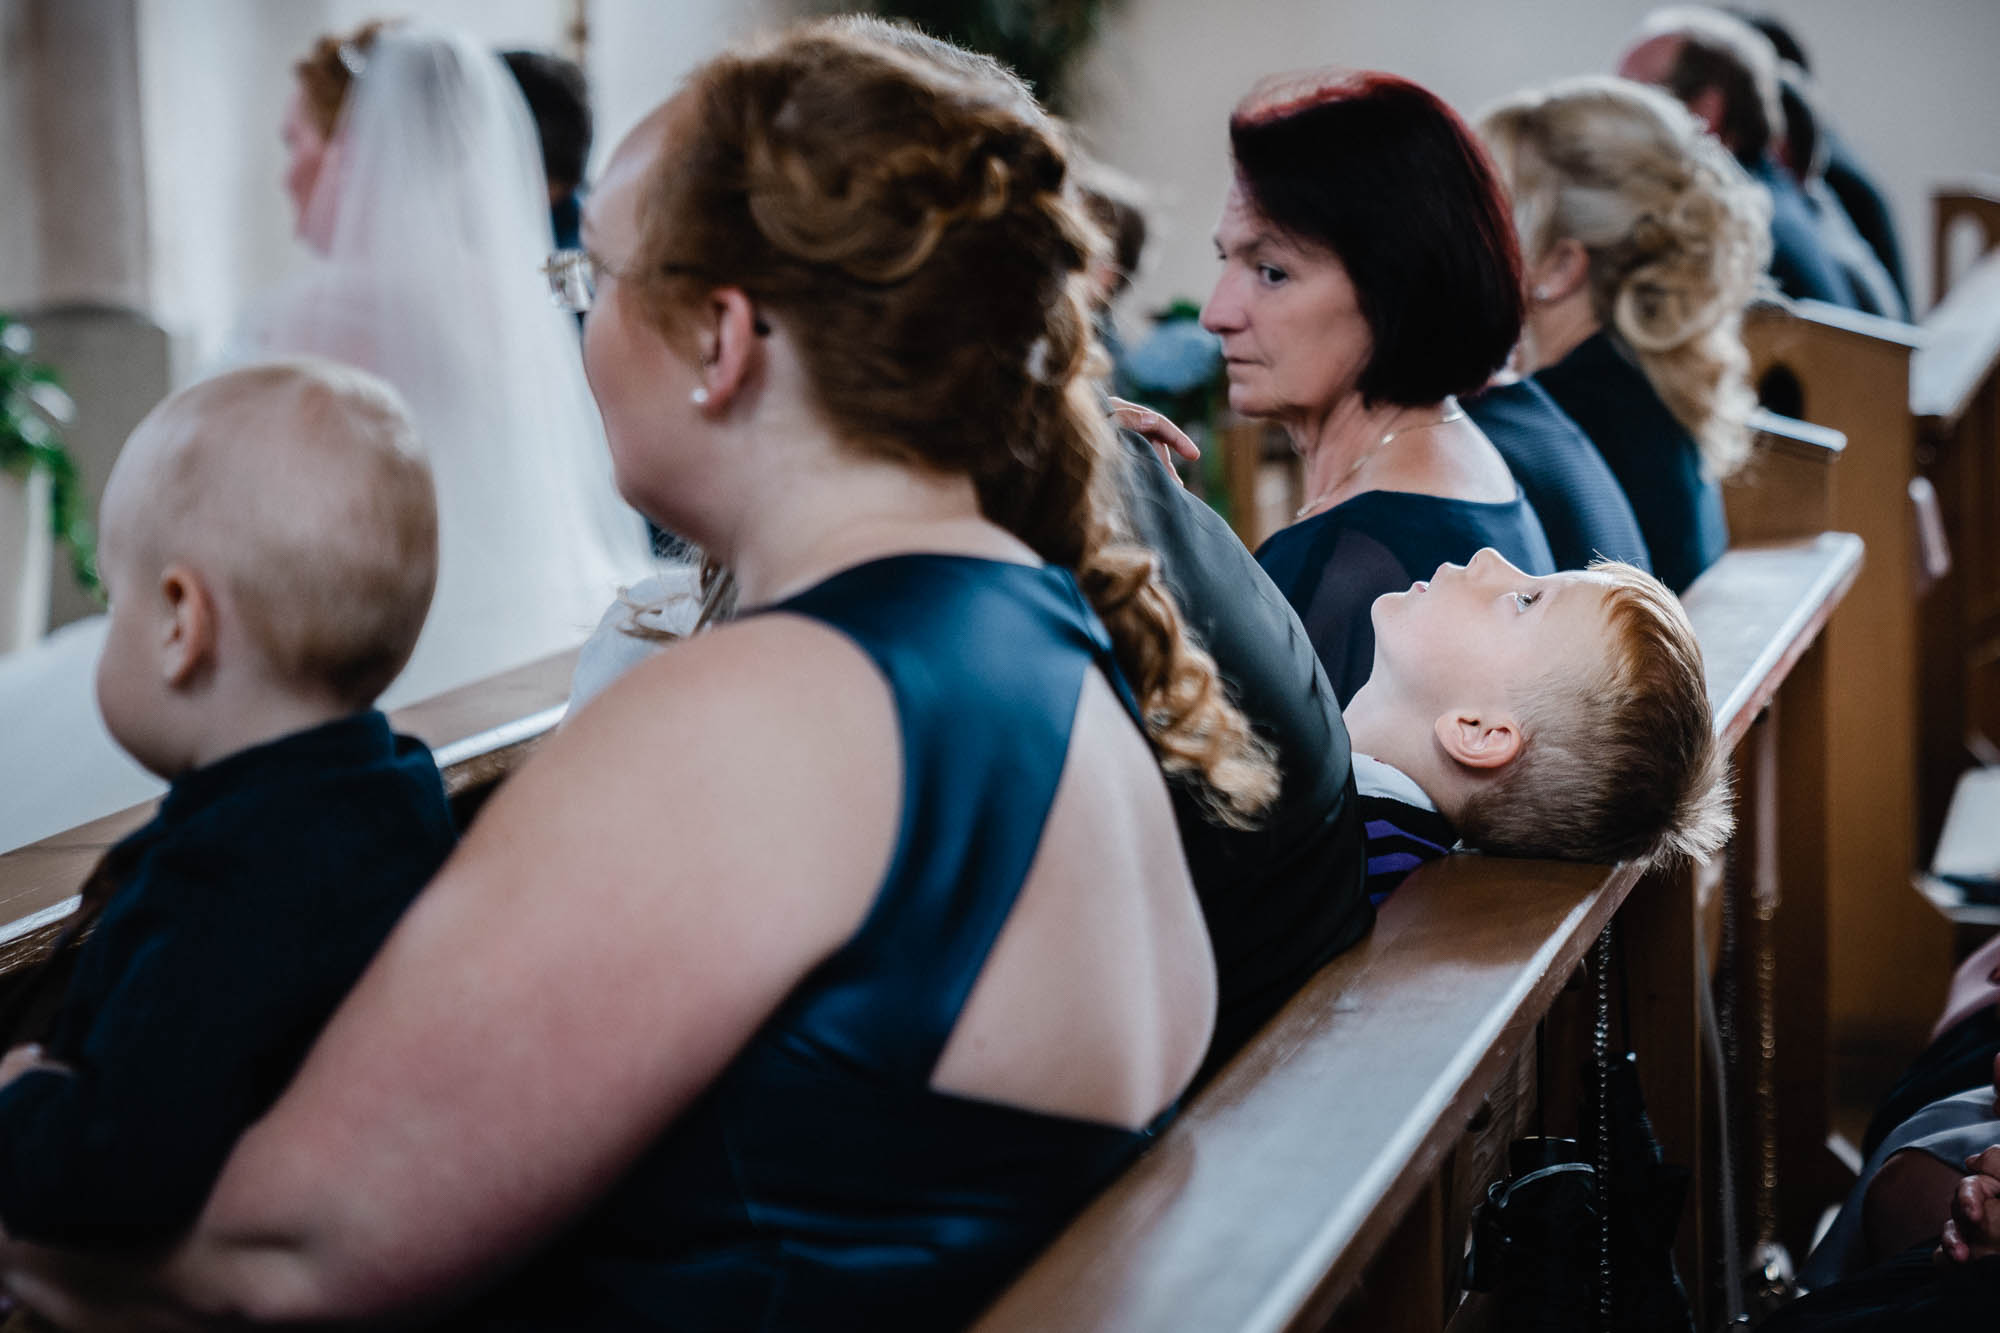 Hochzeit in Osterhofen, Junge schaut während der Trauung an die Decke